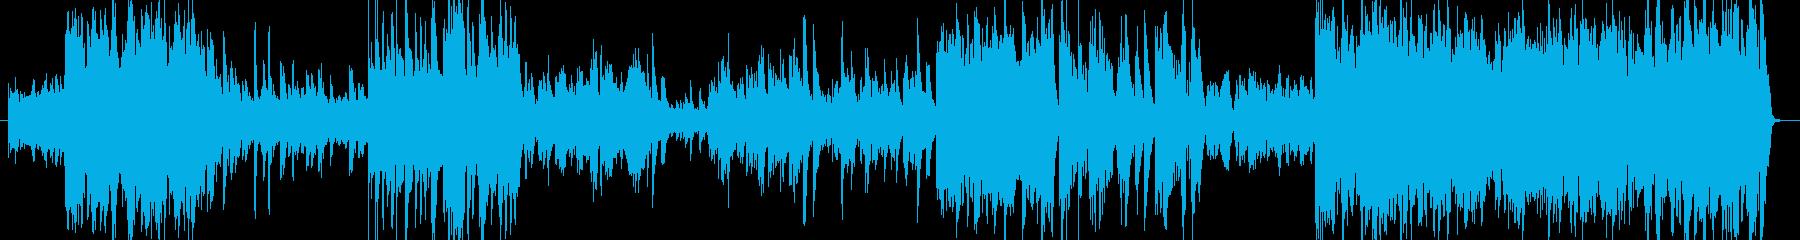 海に流れゆく川のドラマを表現したピアノ曲の再生済みの波形